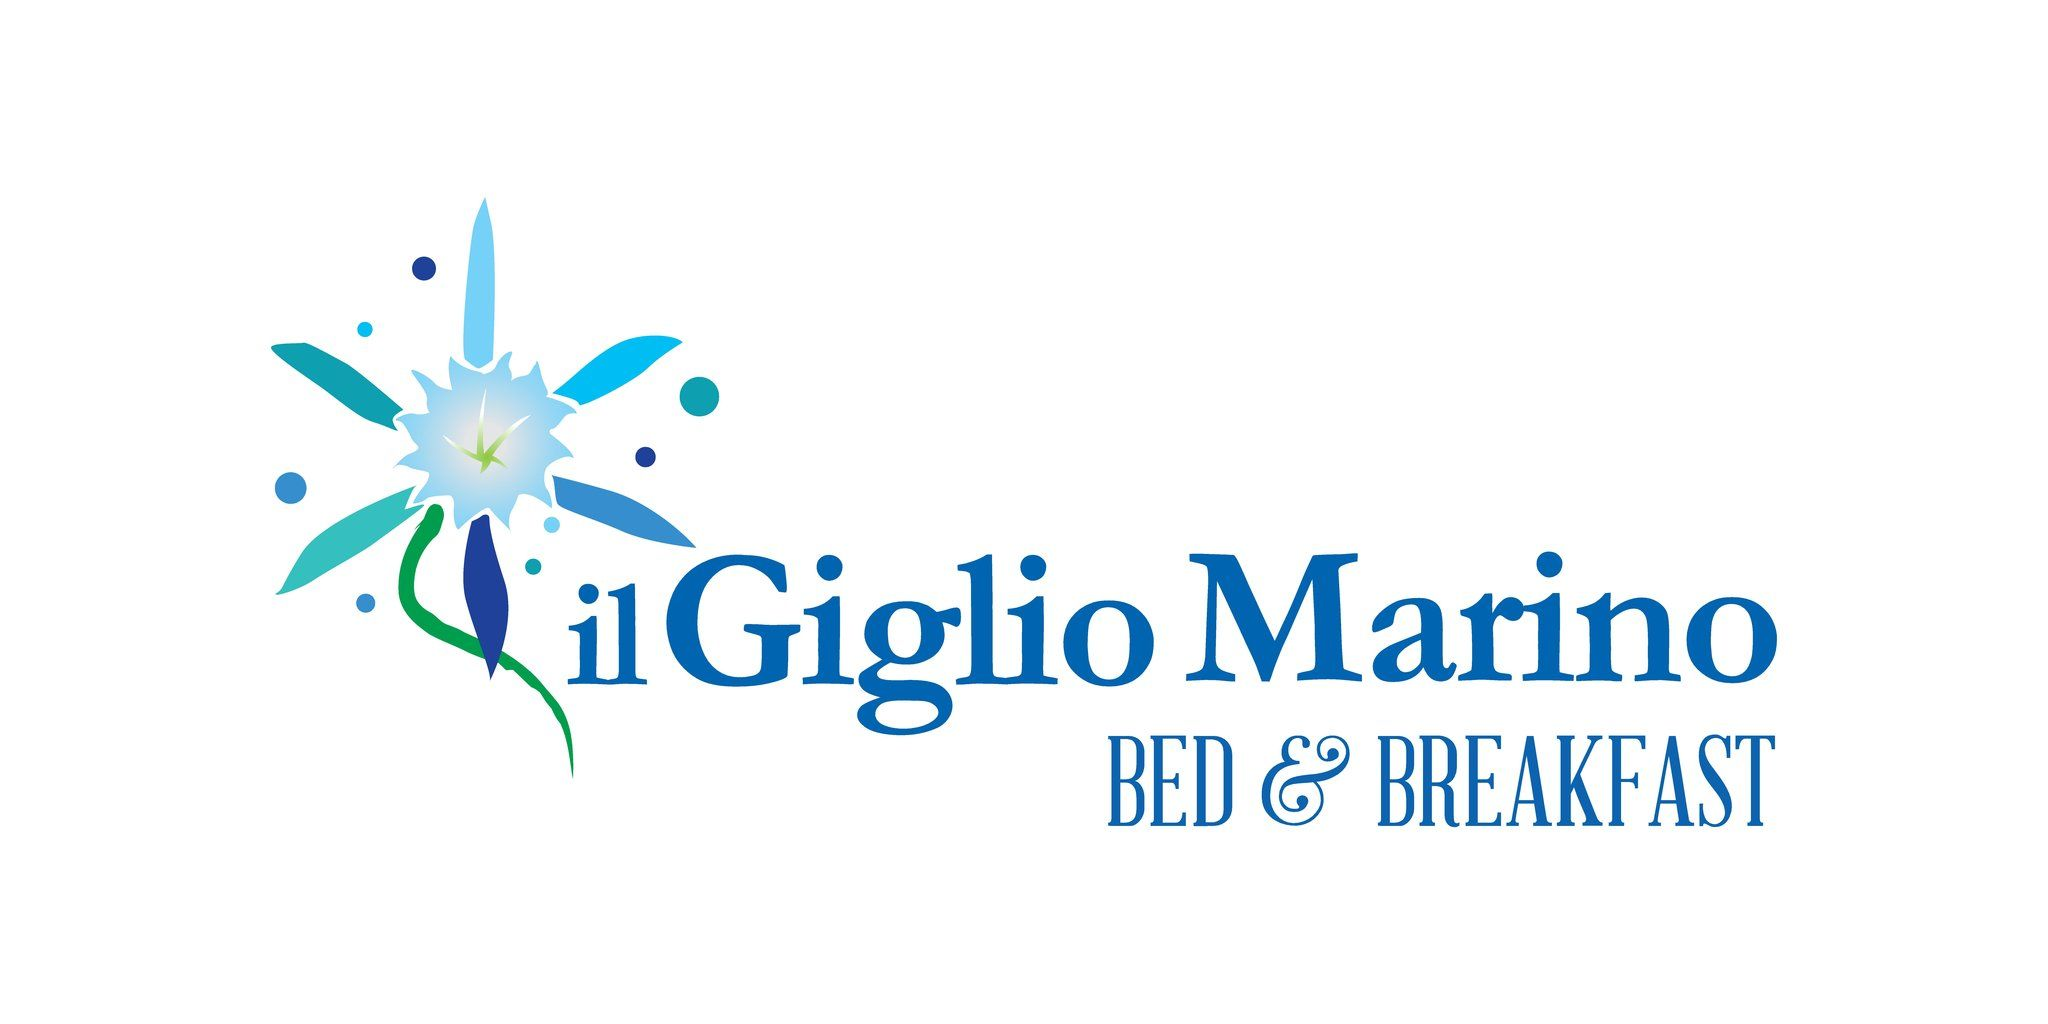 B&B il Giglio Marino